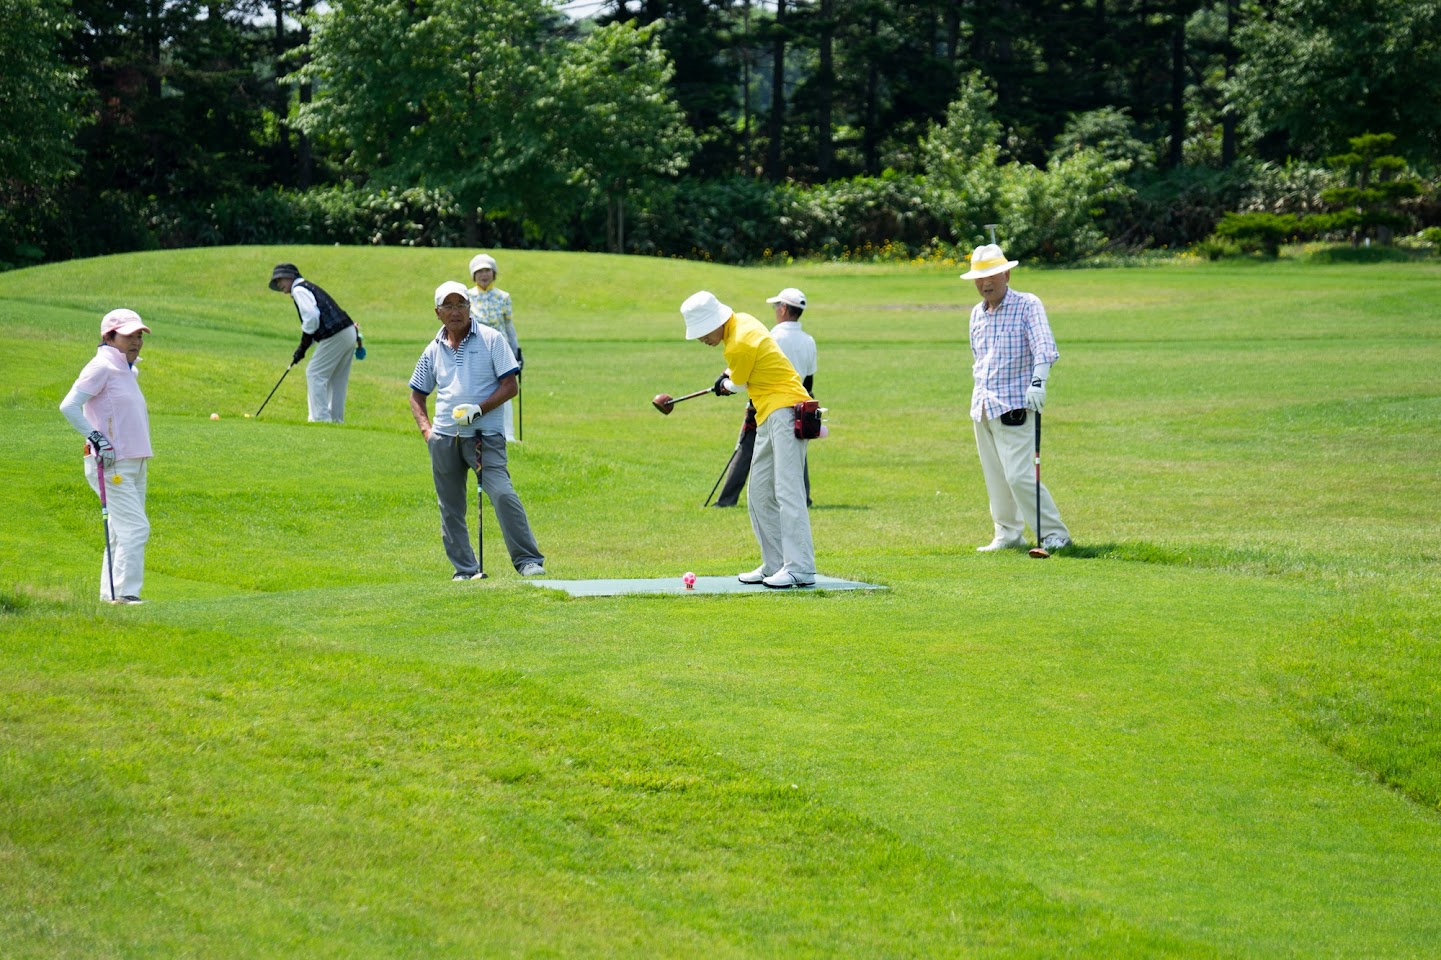 第15回空知地区老人クラブ連合会町対抗パークゴルフ北竜大会2017@北竜町ひまわりパークゴルフ場